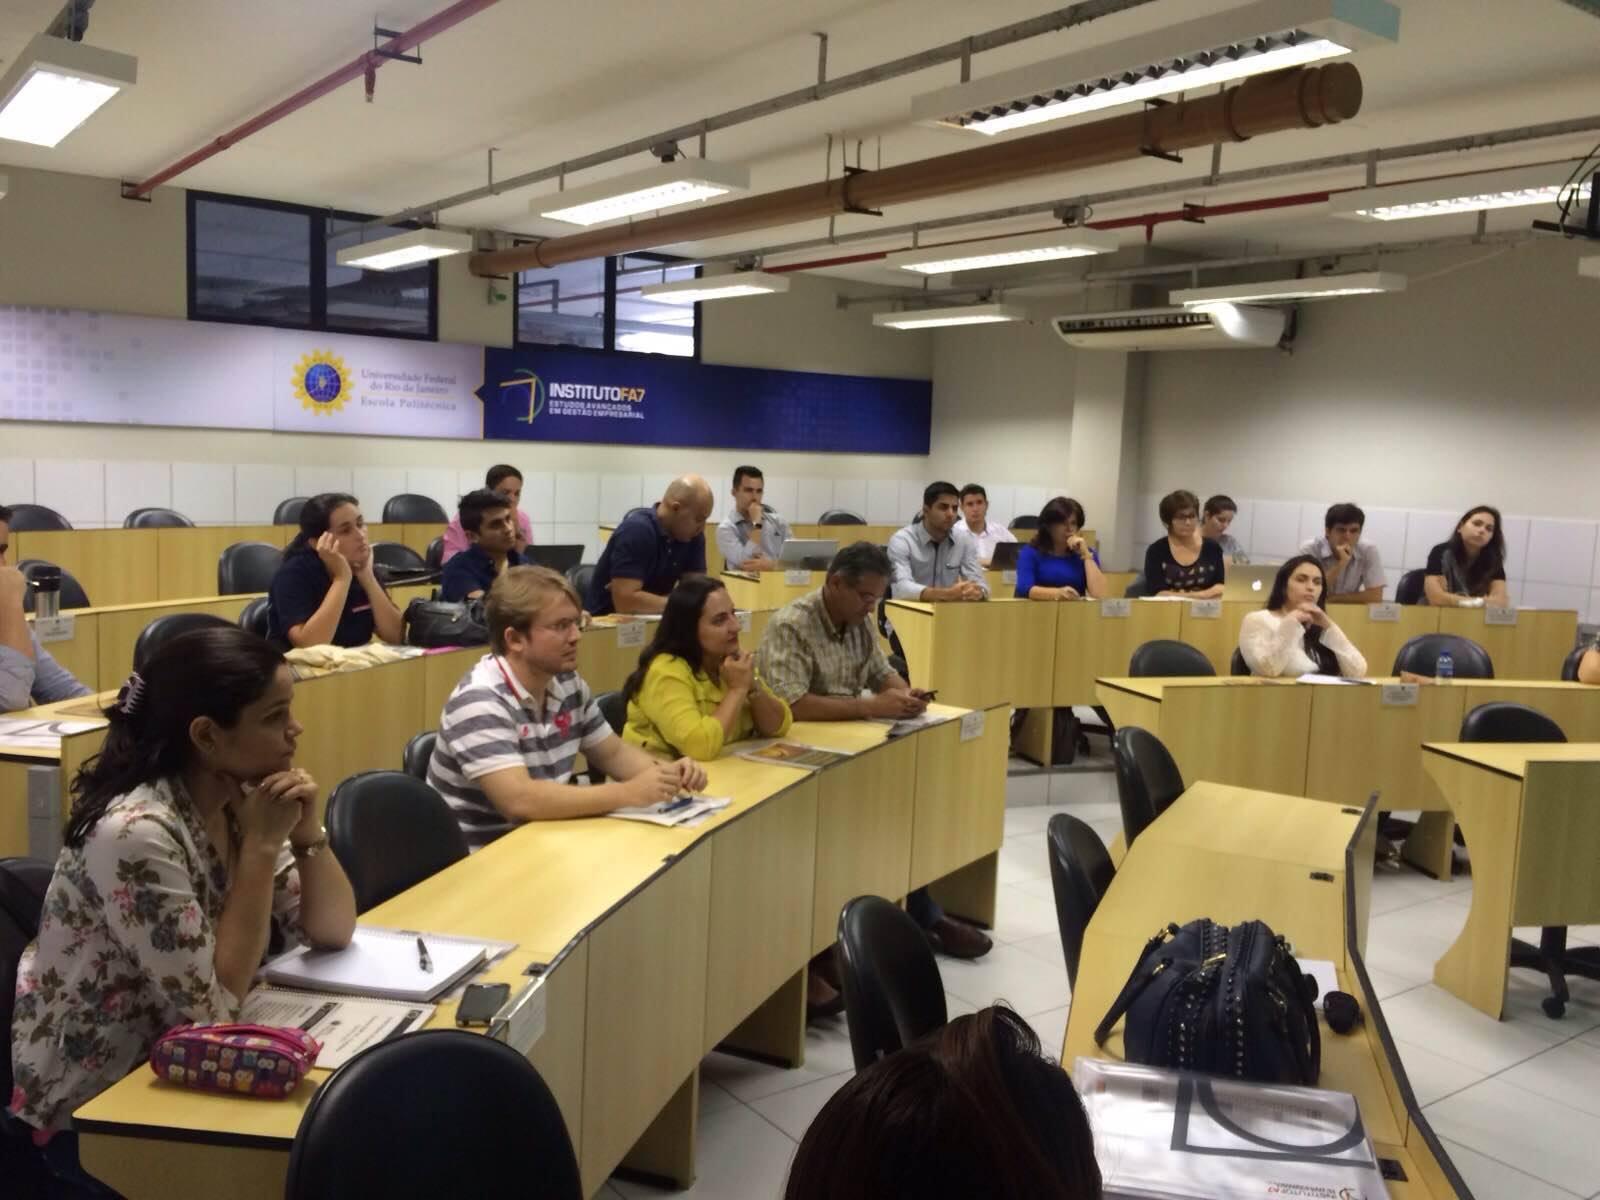 Novos eixos da comunicação e design são discutidos em faculdade